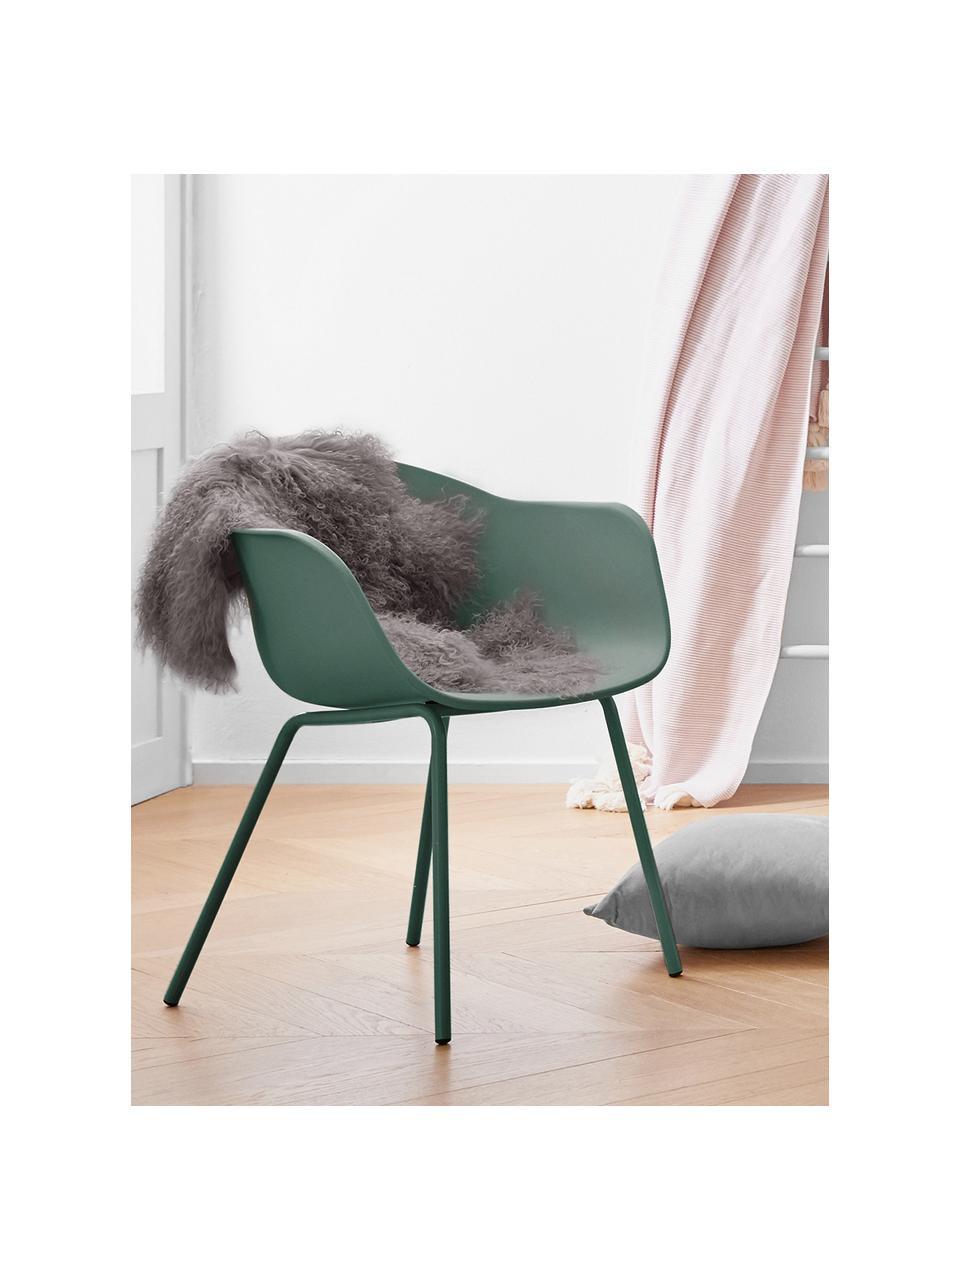 Krzesło z podłokietnikami z tworzywa sztucznego Claire, Nogi: metal malowany proszkowo, Zielony, S 60 x G 54 cm